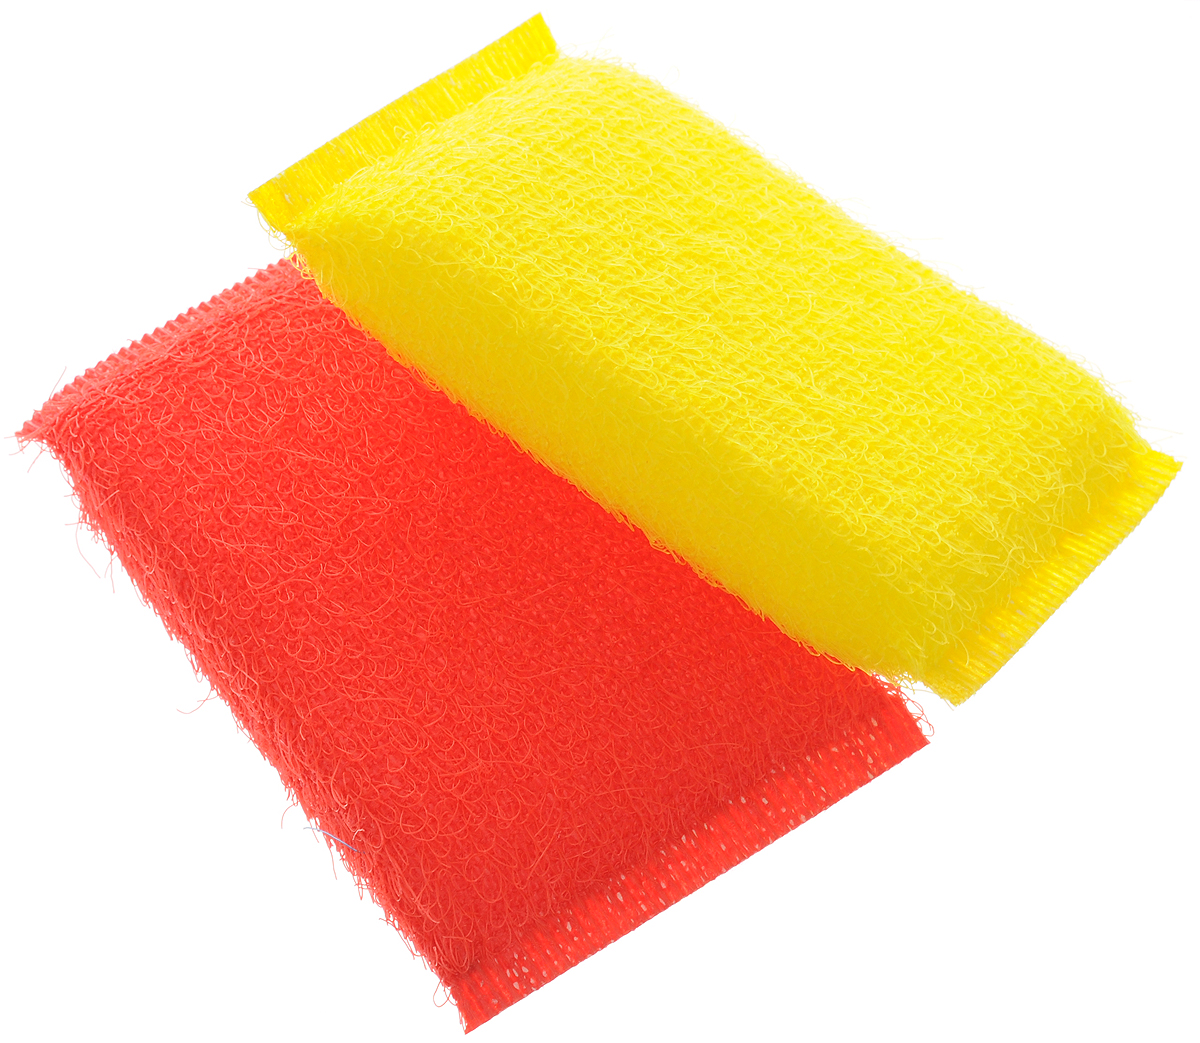 Губка для мытья посуды Хозяюшка Мила Кактус, цвет: желтый, красный, 2 шт1008_желтый, красныйНабор Хозяюшка Мила Кактус состоит из 2 губок.Губки предназначены для интенсивной чистки и удаления сильных загрязнений спосуды (противни, решетки-гриль, кастрюли). Губки сохраняют чистоту и свежесть даже после многократного применения, а ихэргономичная форма удобна для руки. Не рекомендуется использовать для посуды с антипригарным покрытием. Размер губки: 12 х 2 х 8 см.